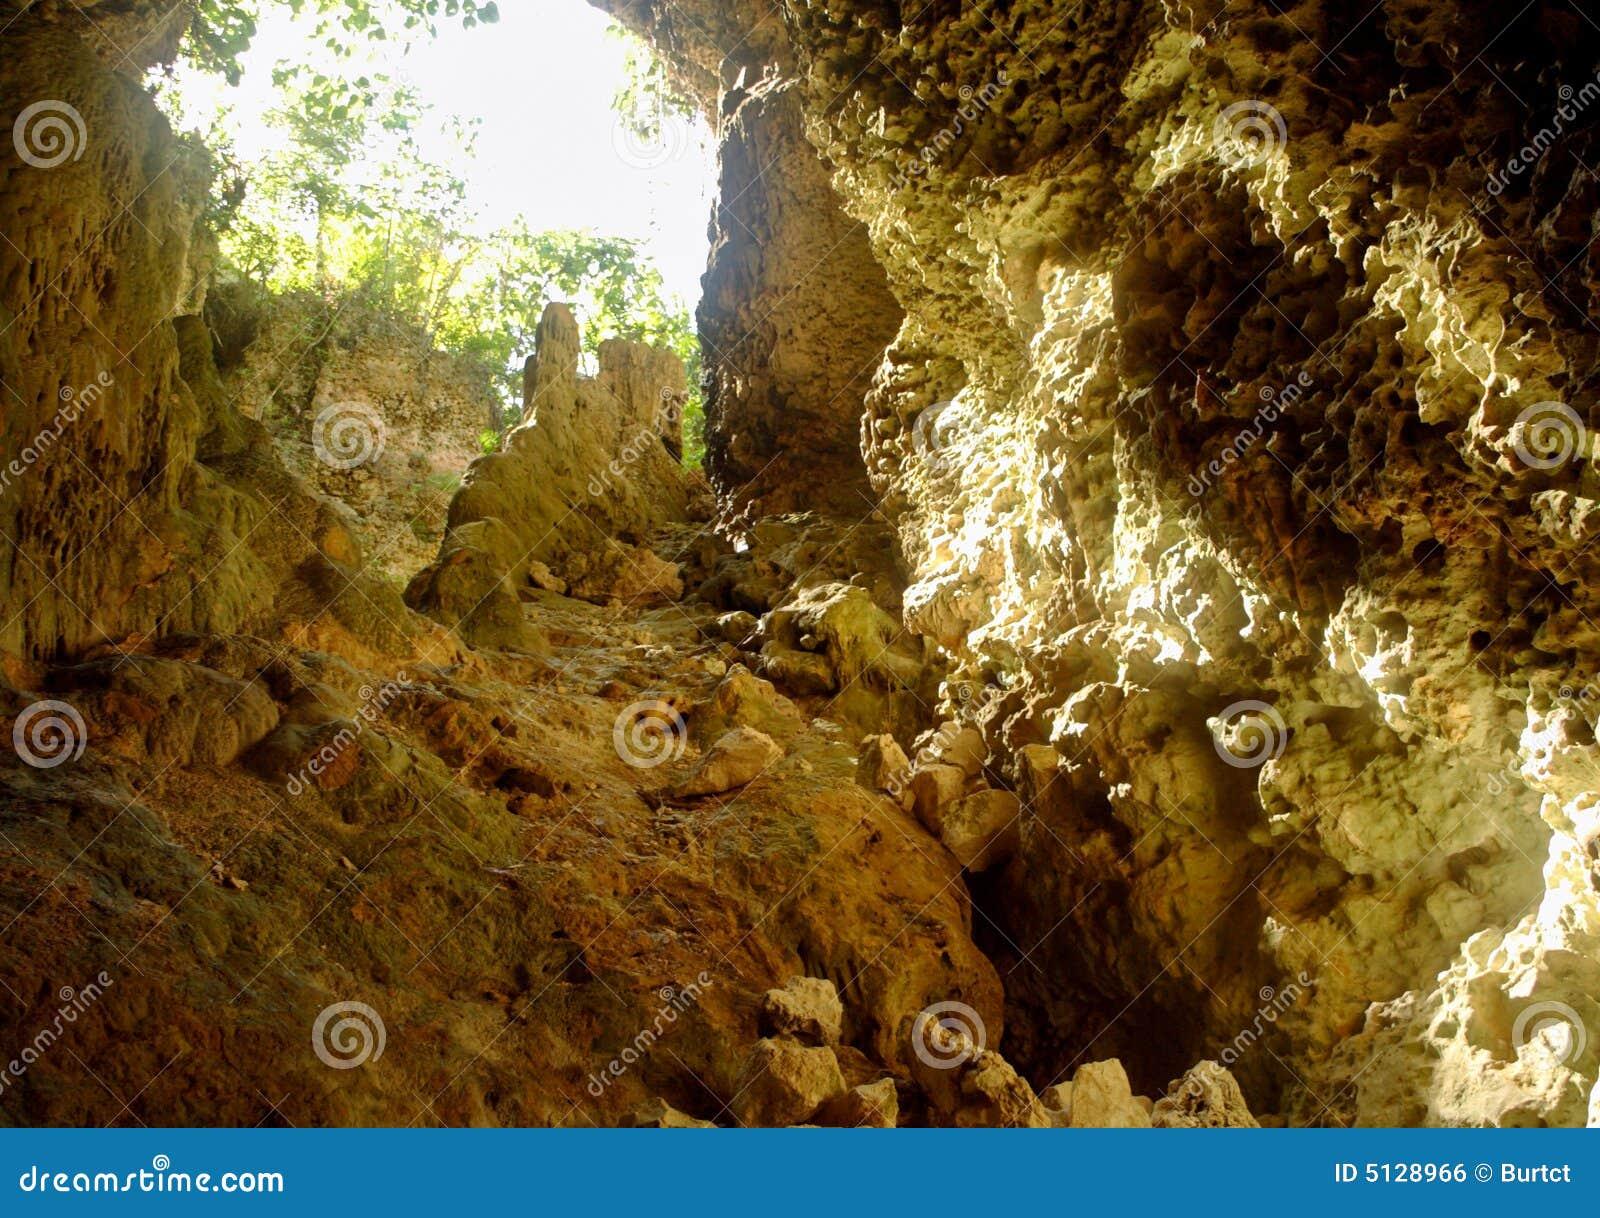 Palaha caves - looking out